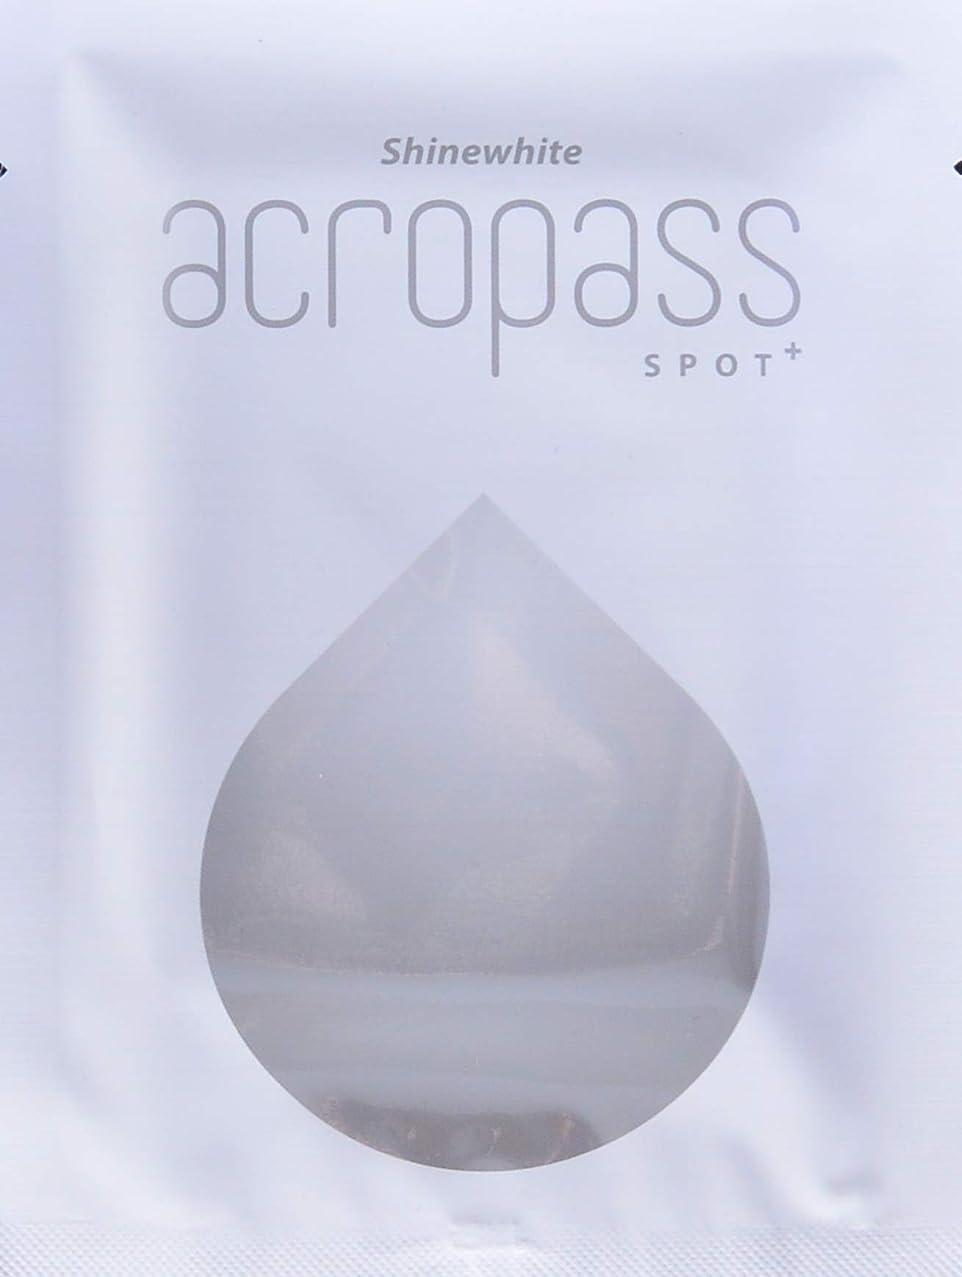 ぶら下がる謝るメンダシティ★アクロパス スポットプラス★ 1パウチ(2枚入り) 美白効果をプラスしたアクロパス、ヒアルロン酸+4種の美白成分配合マイクロニードルパッチ。 他にお得な2パウチセットもございます